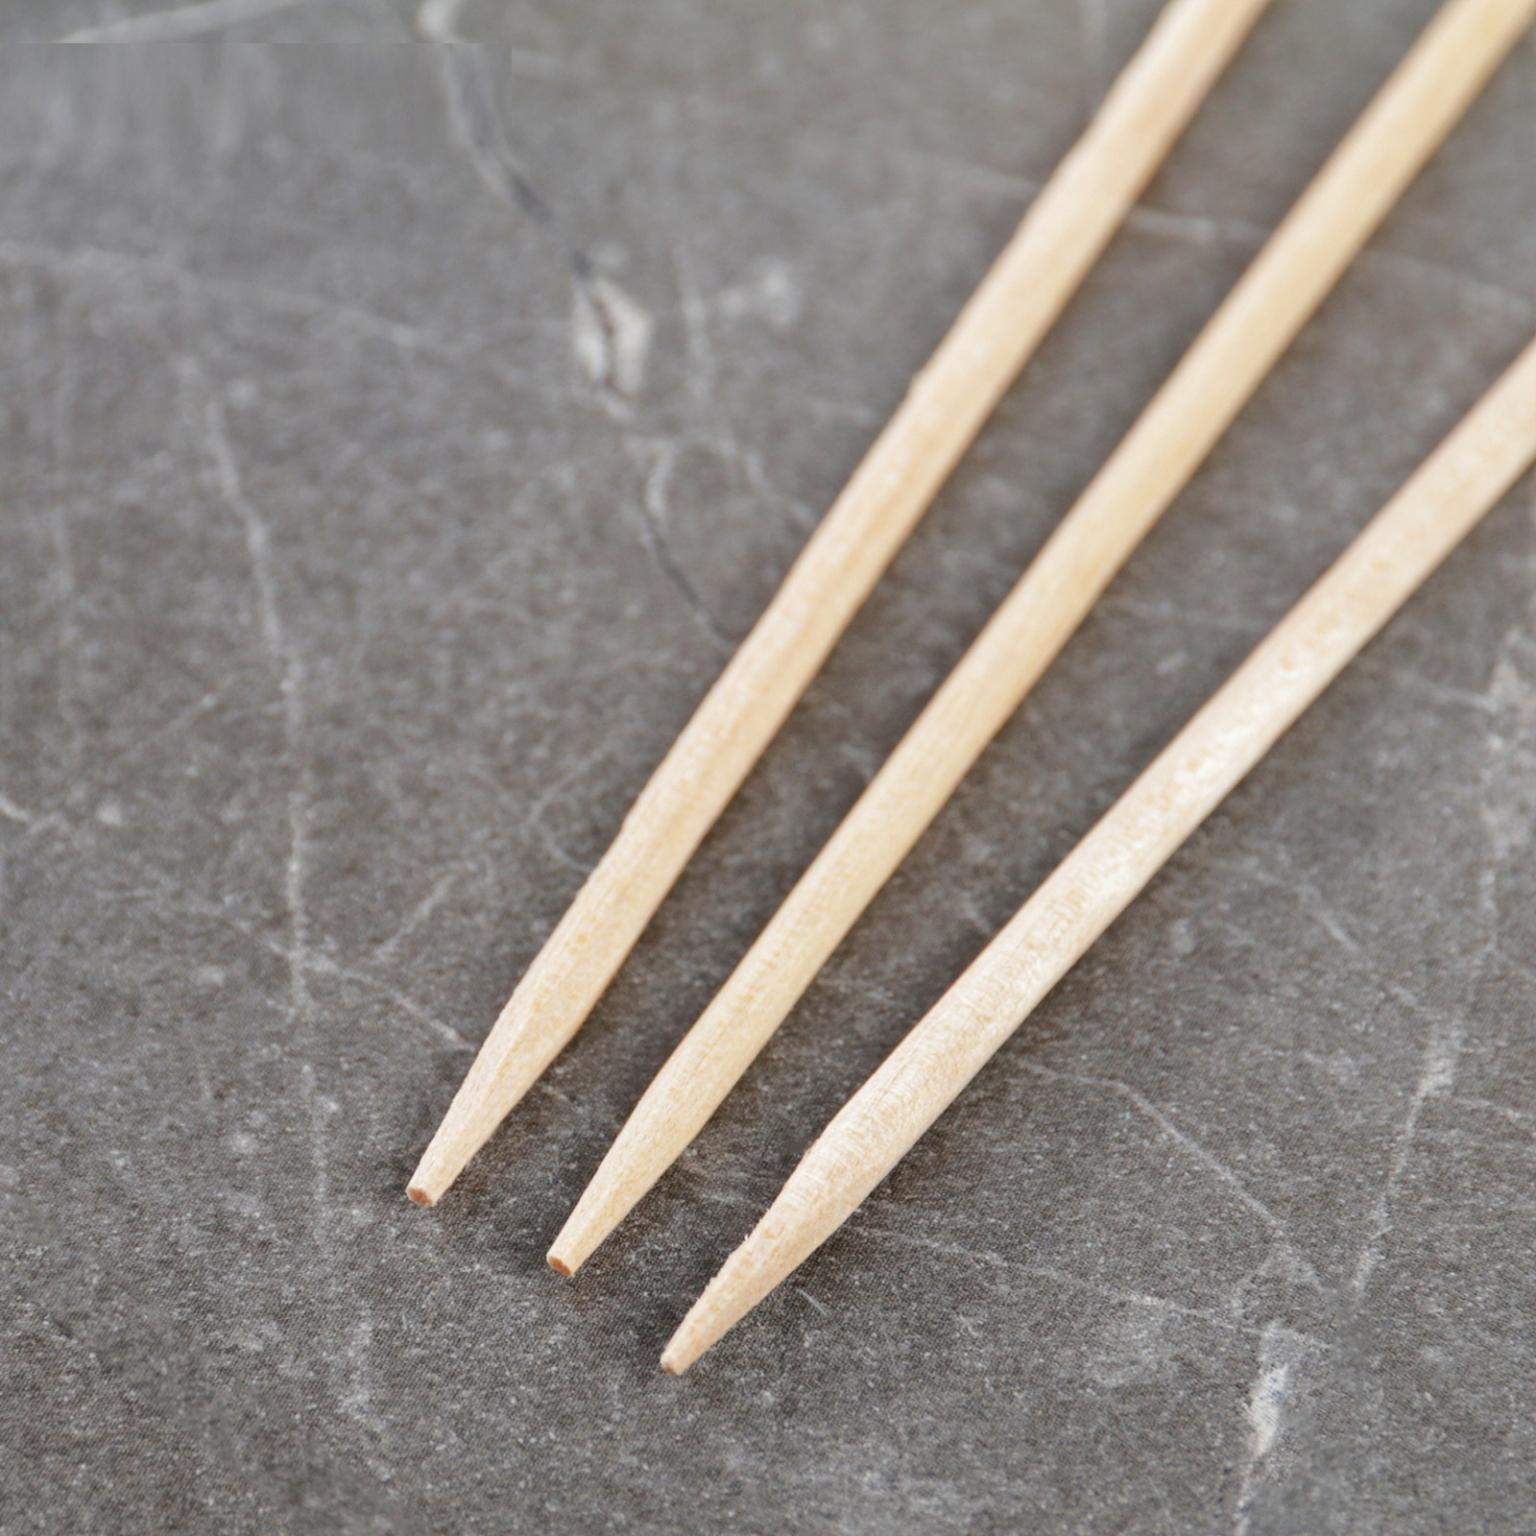 Шампур деревянный Komfi, берёза, 30*0,3 см, по 100 шт